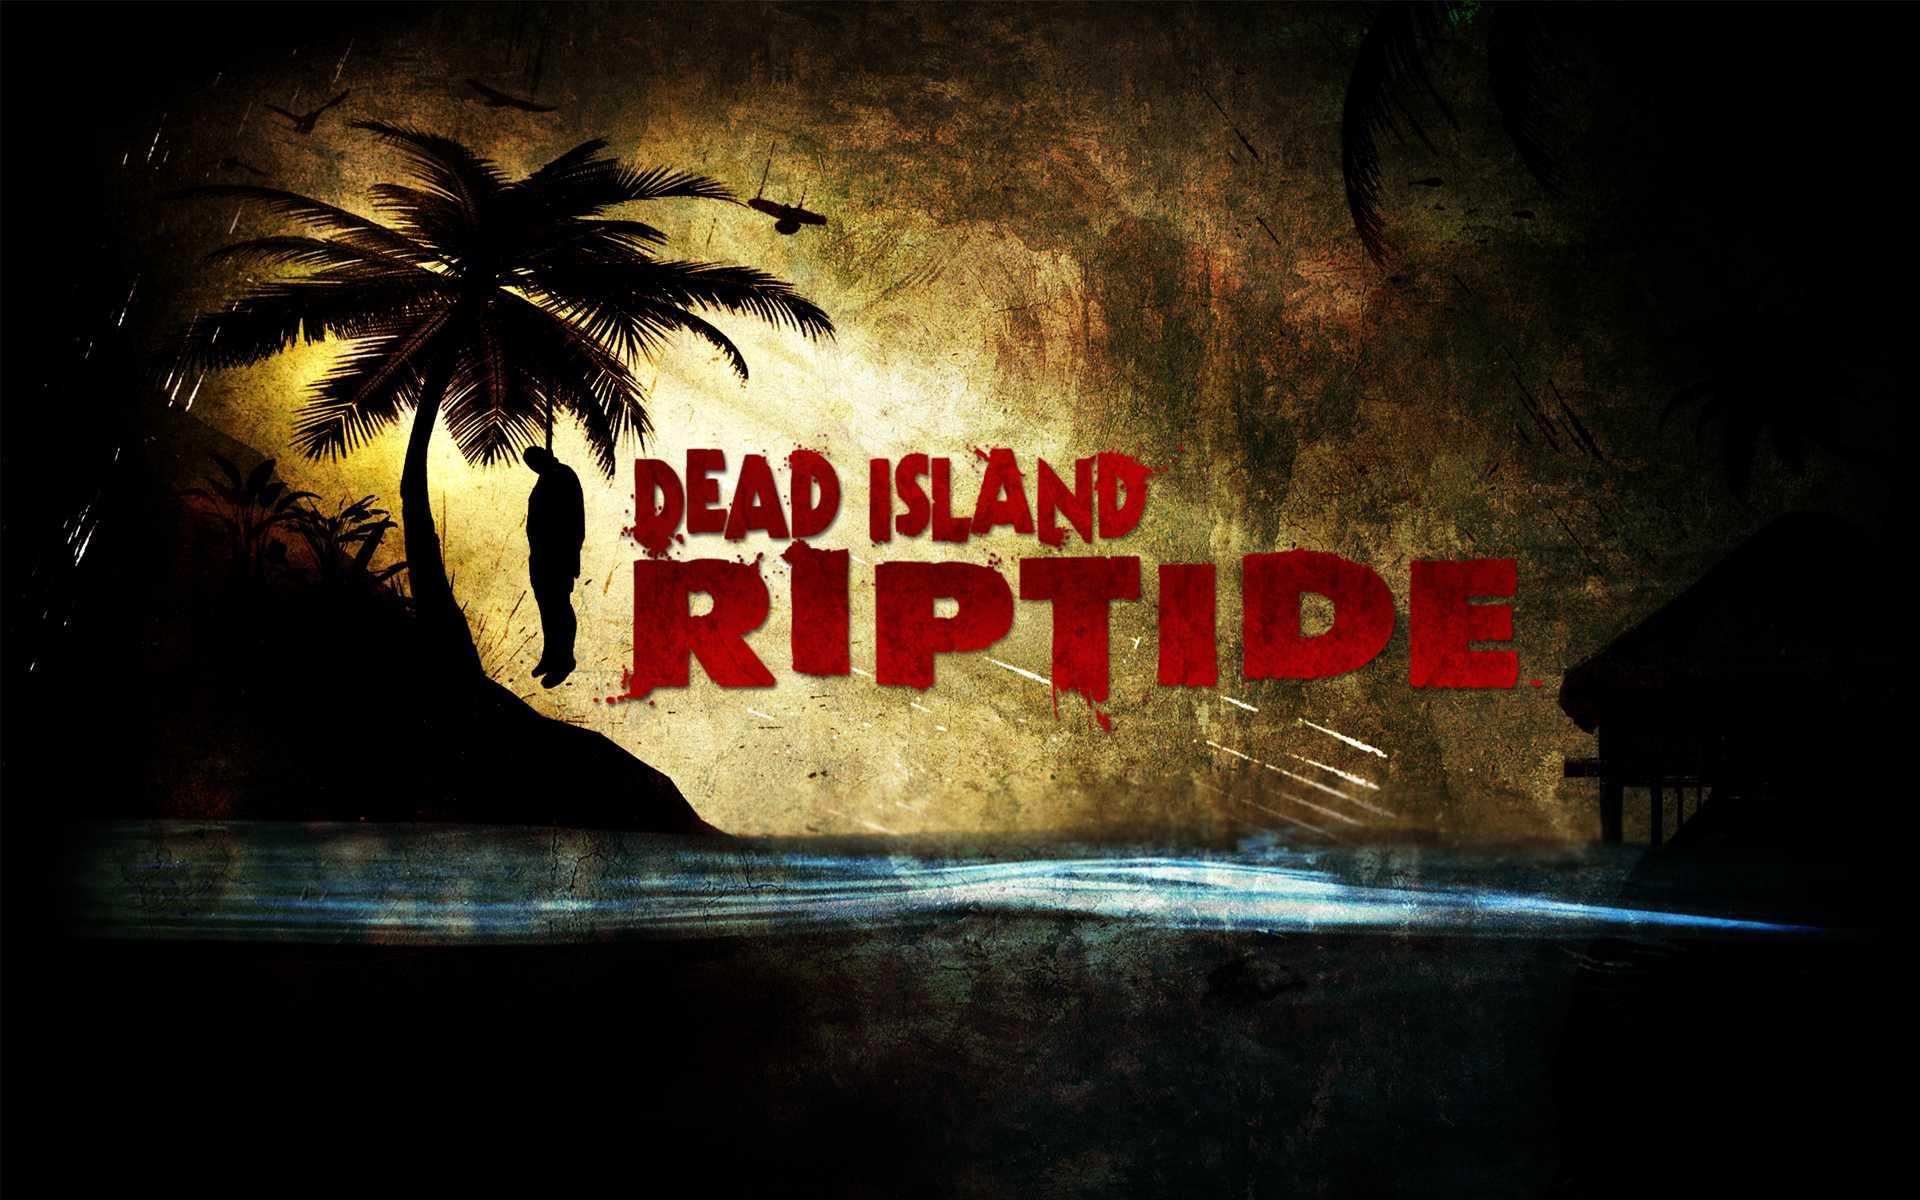 DI_Riptide